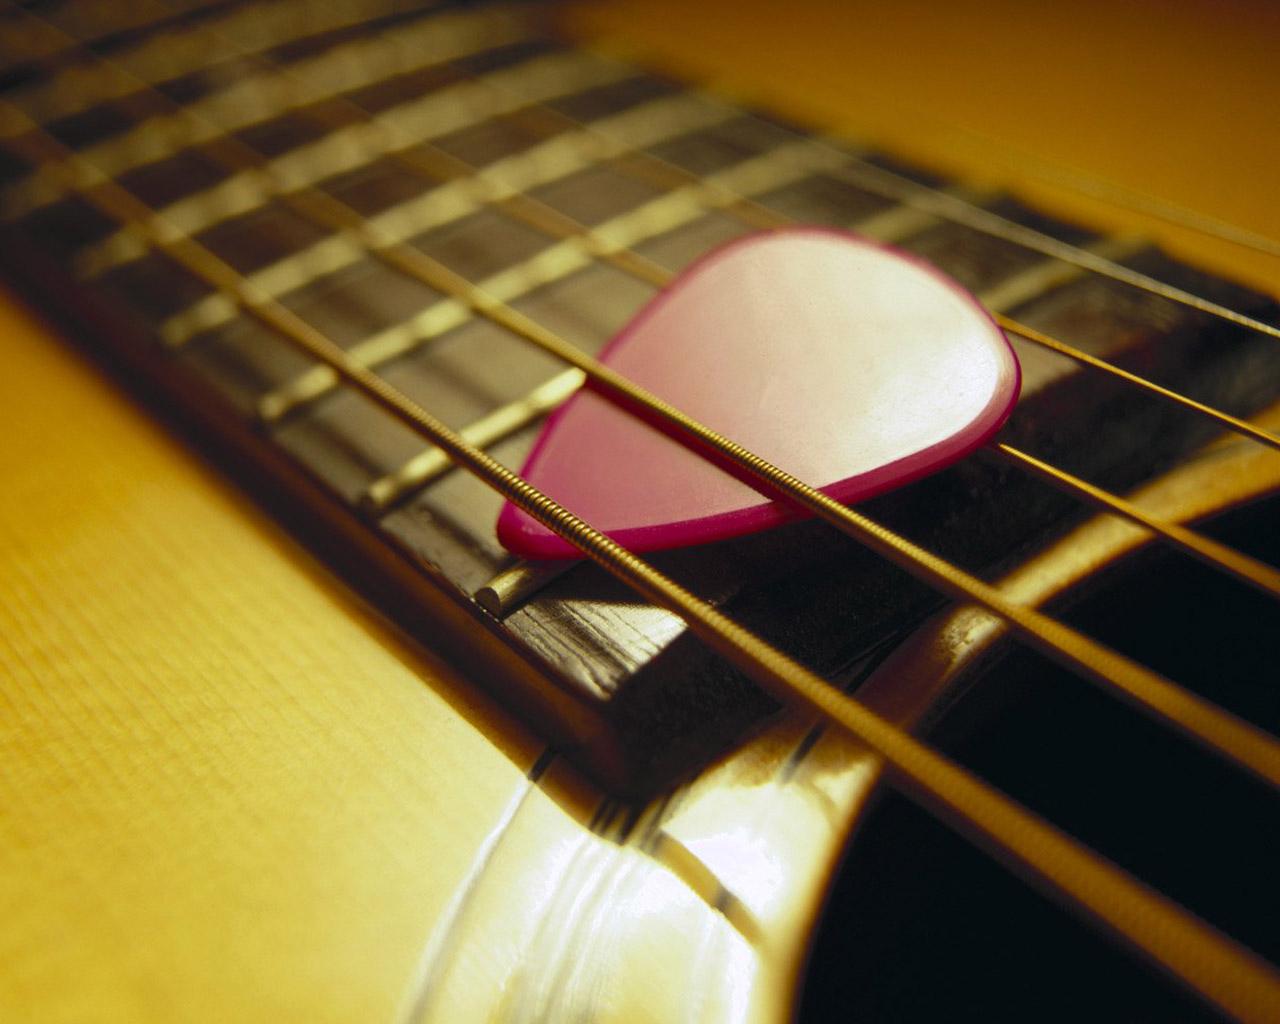 http://2.bp.blogspot.com/_eYNXA0gKwI0/TPQVpE5EVKI/AAAAAAAAACc/0WVQ82JwlLE/s1600/Acoustic+Guitar+Plectrum+greatguitarsound.blogspot.com.jpg